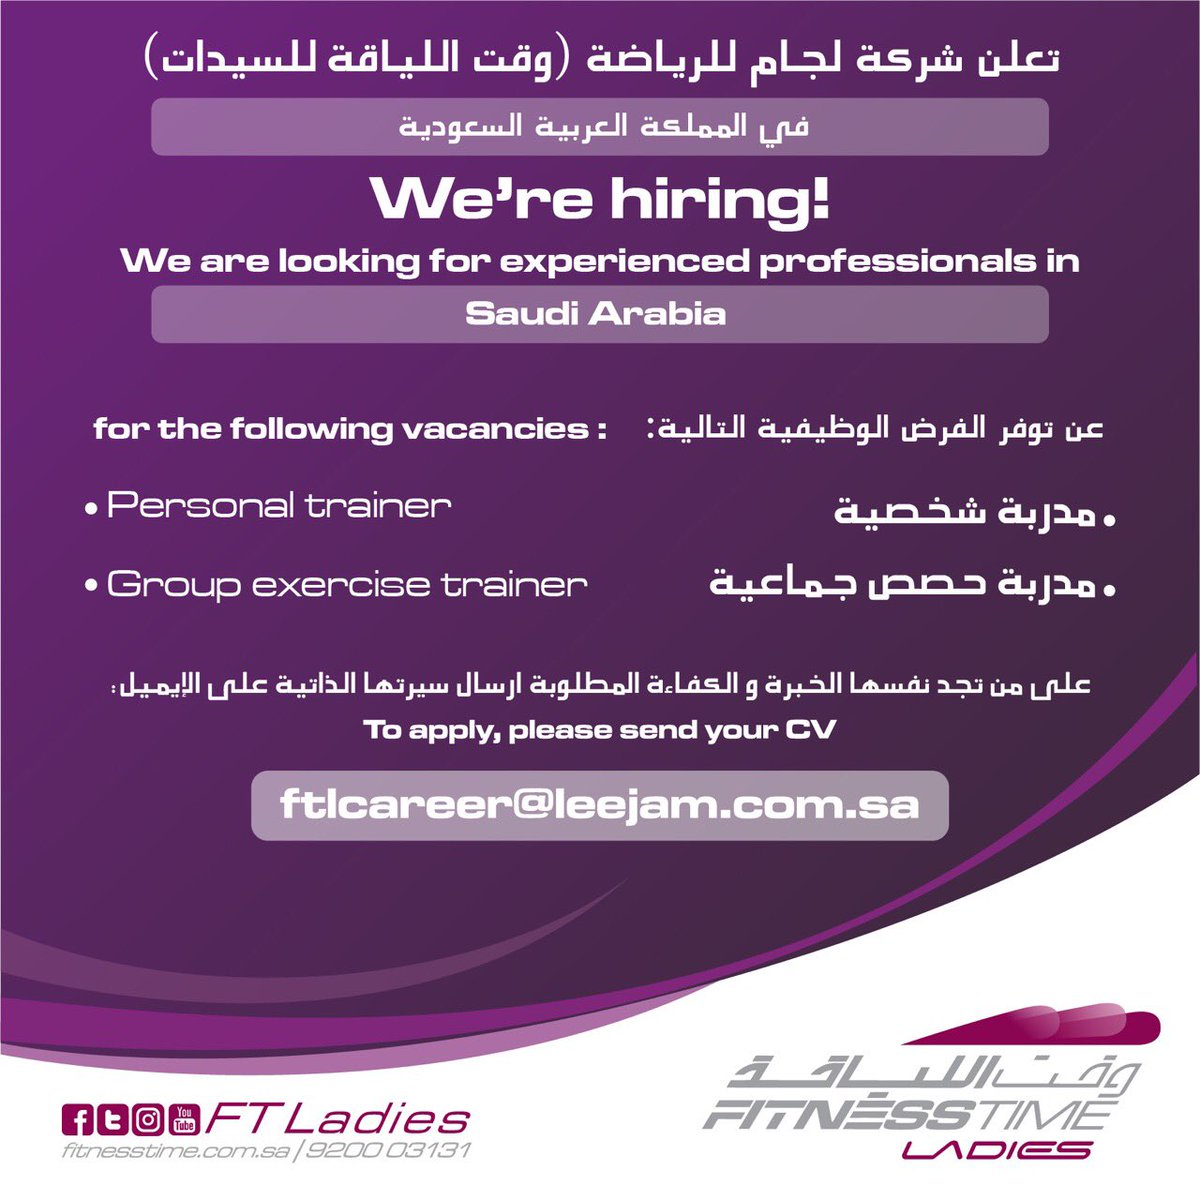 Fitness Time Ladies وقت اللياقة ليديز On Twitter انضمي إلى فريق عمل وقت اللياقة ليديز في الرياض بإرسال سيرتك الذاتية إلى Ftlcareer Leejam Com Sa